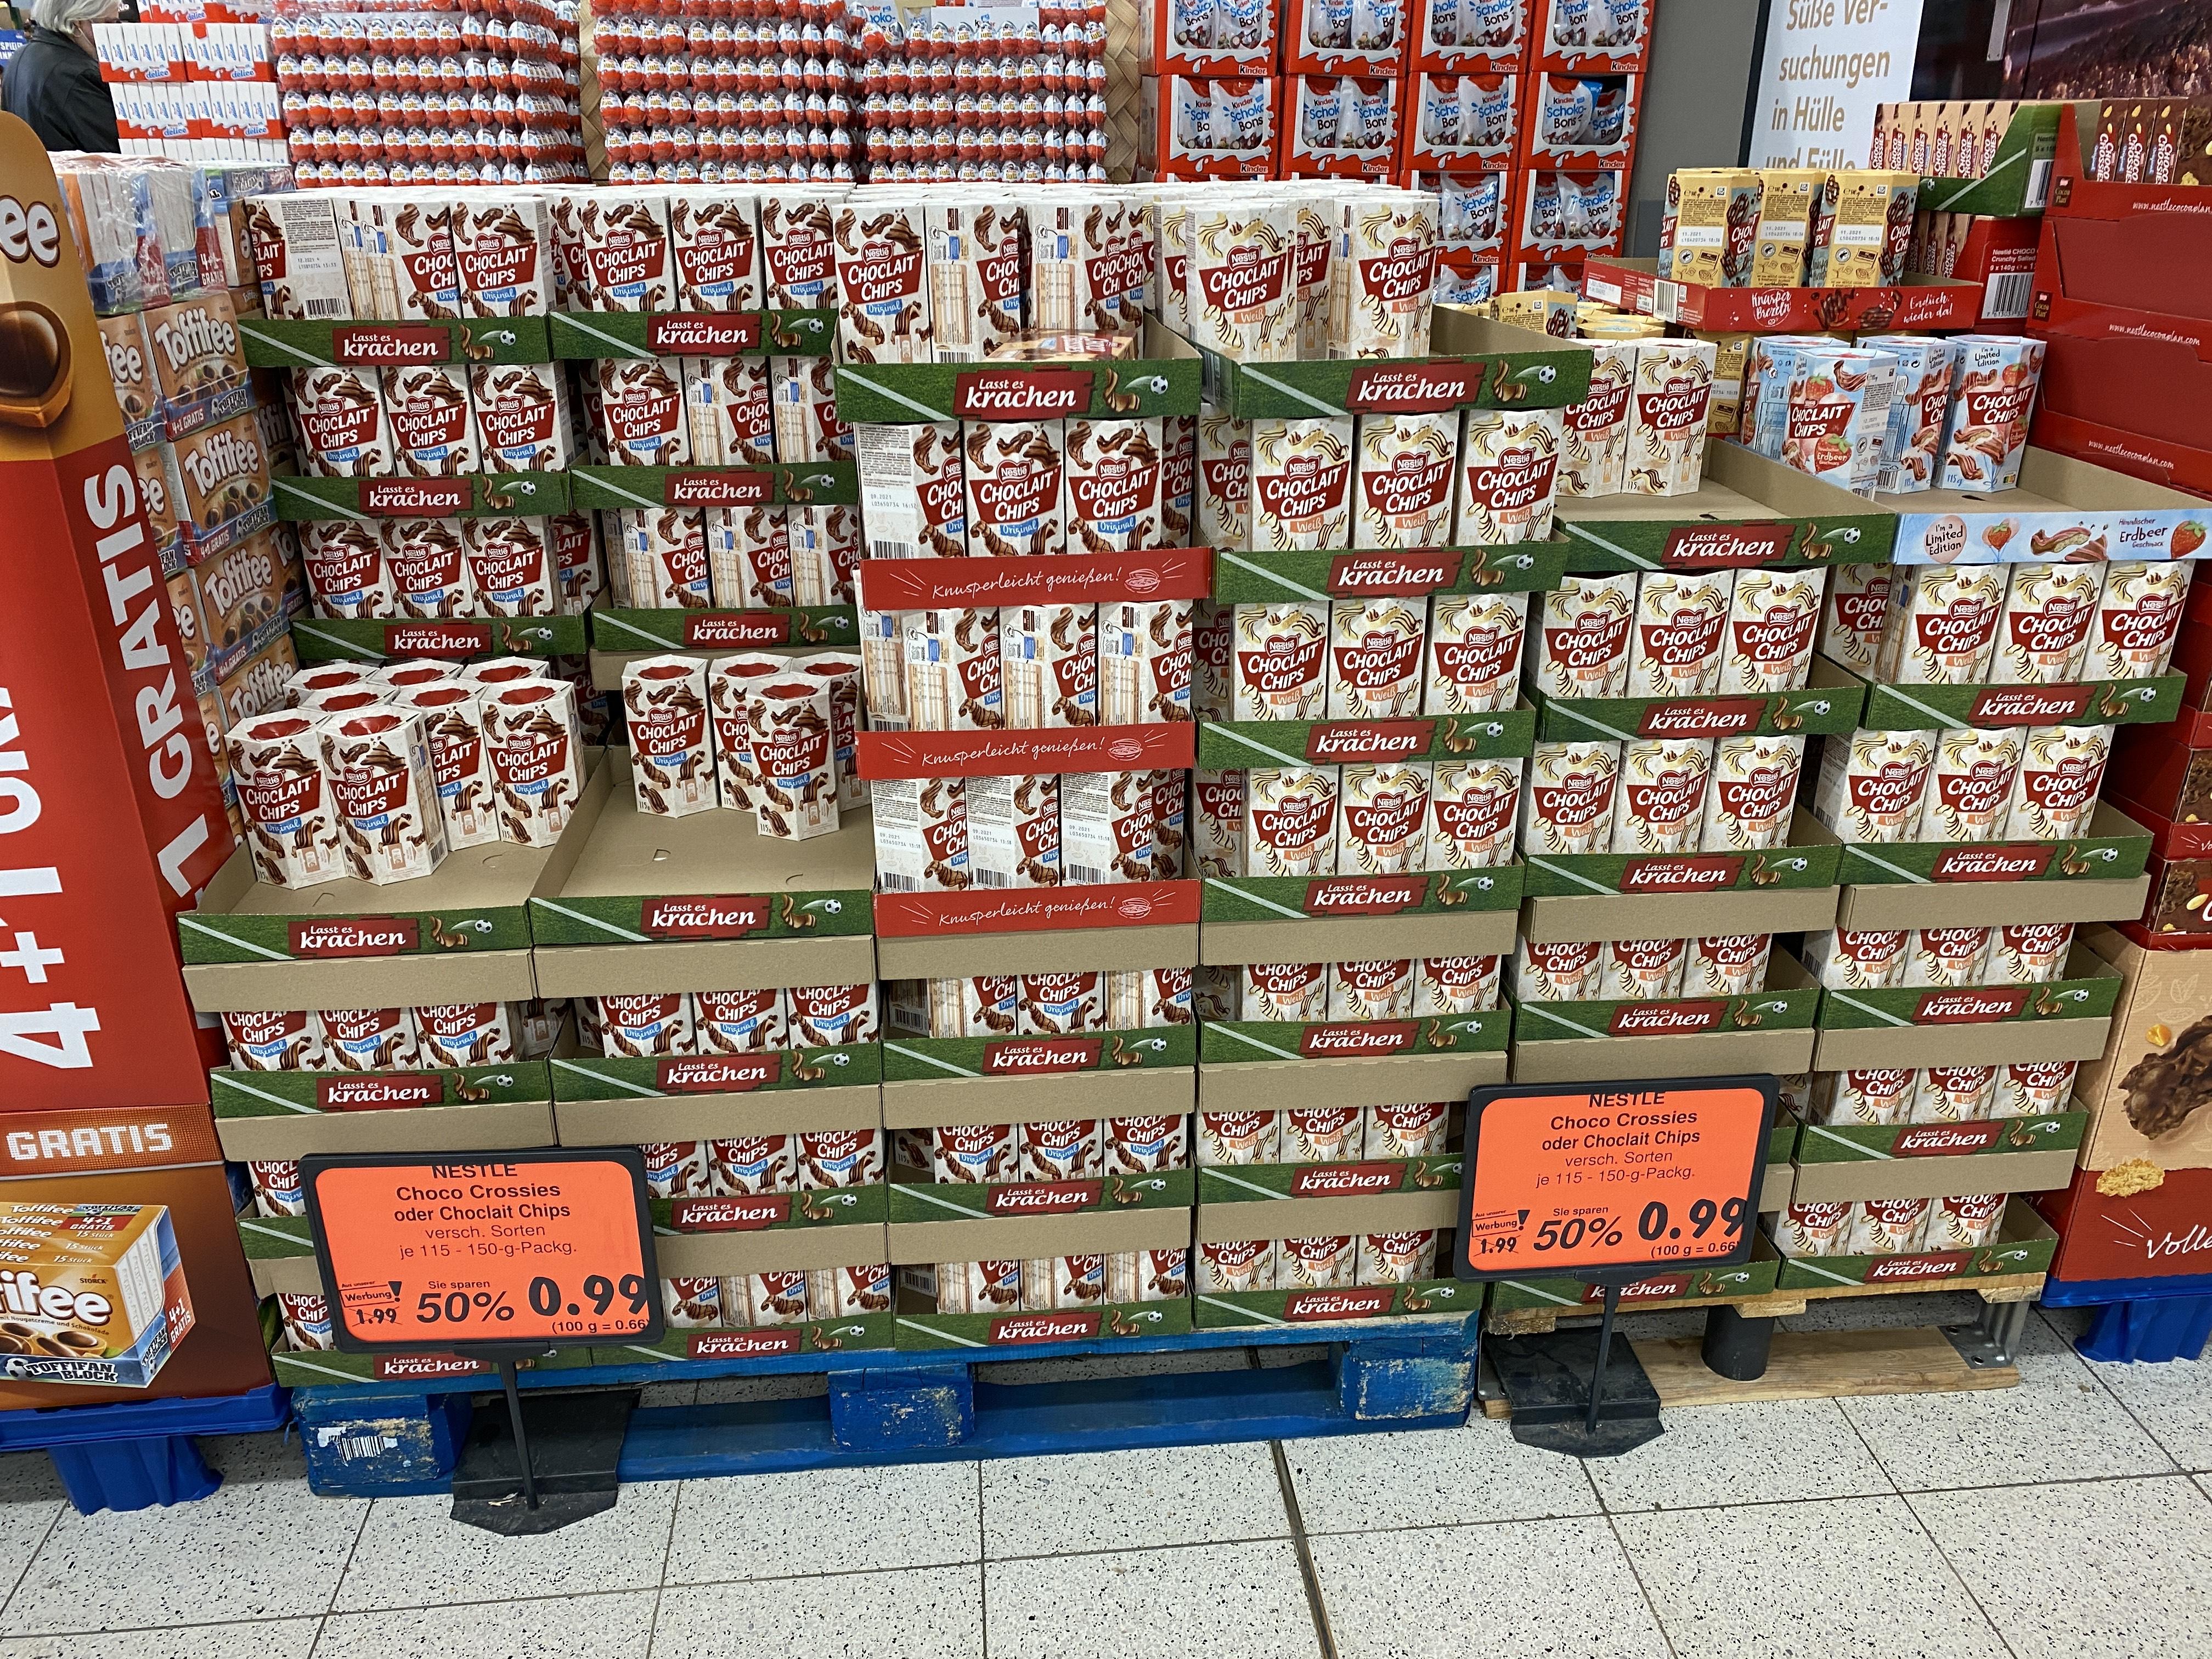 (Lokal) Kaufpark Eiche Kaufland - Choclait Chips oder Choco Crossies für 0,99€